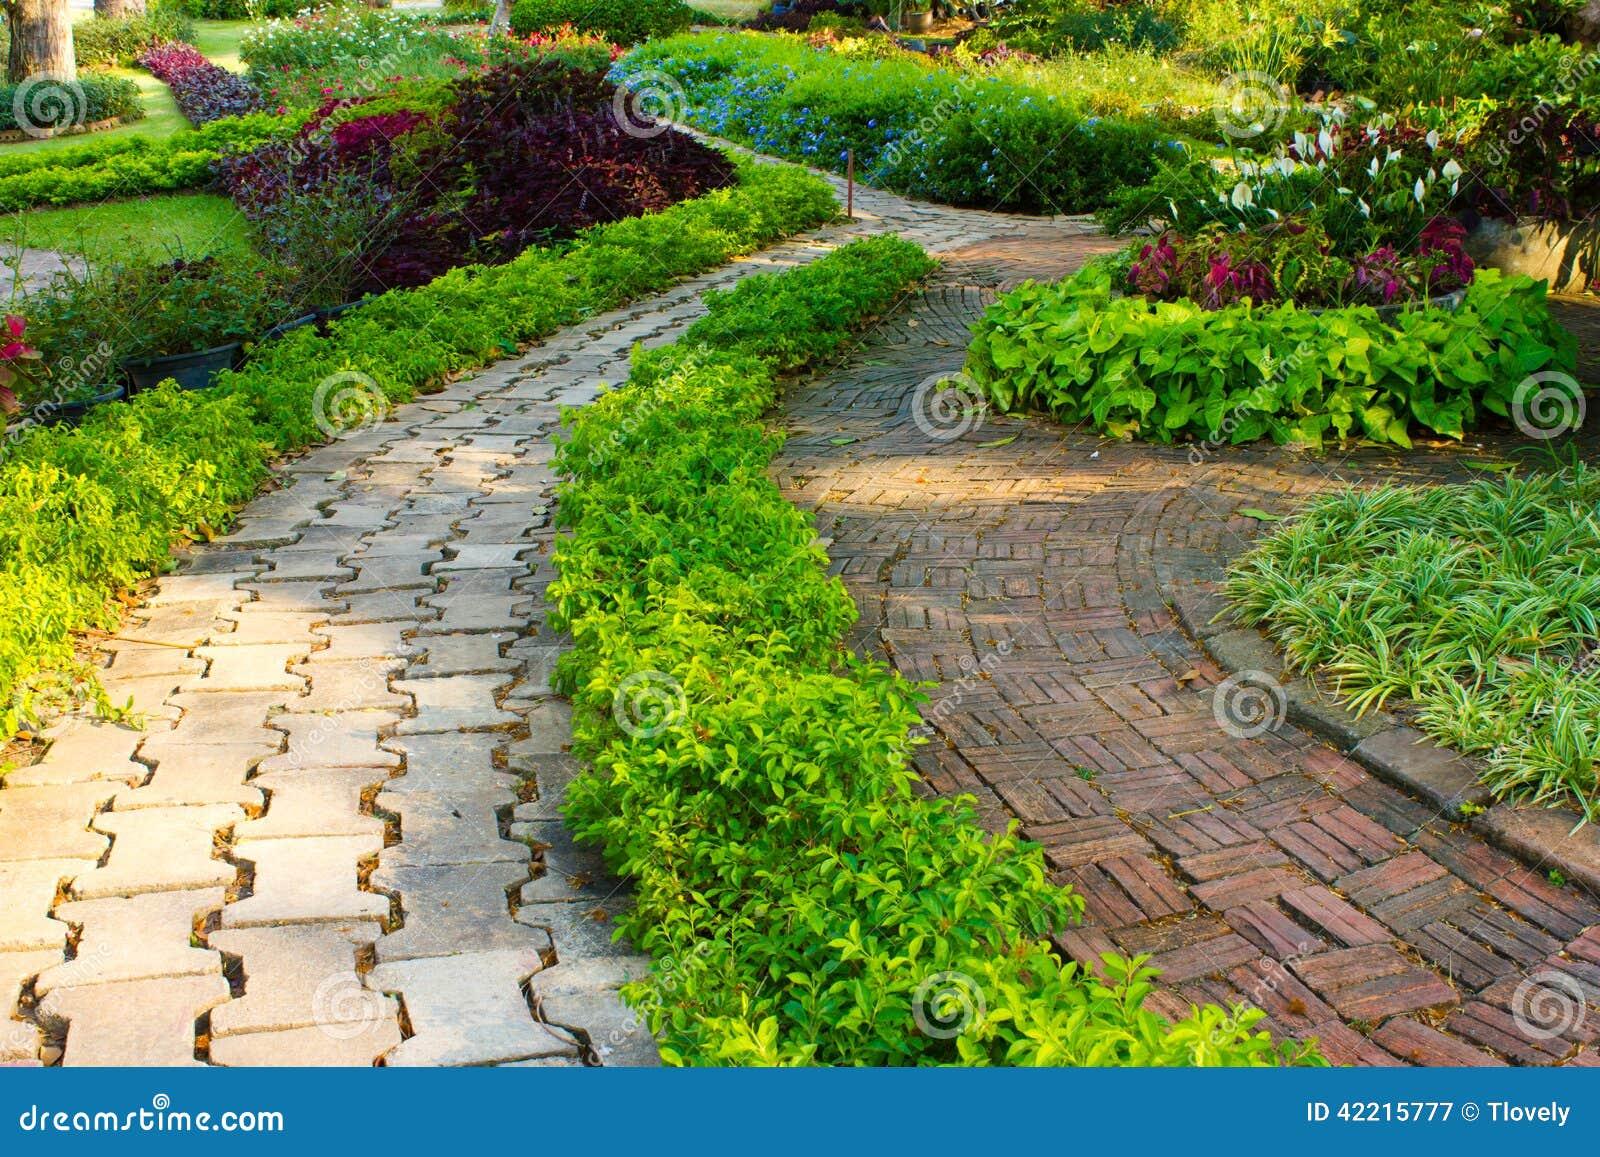 Giardino fiorito disegno: giardino fiorito di disegno fotografia ...